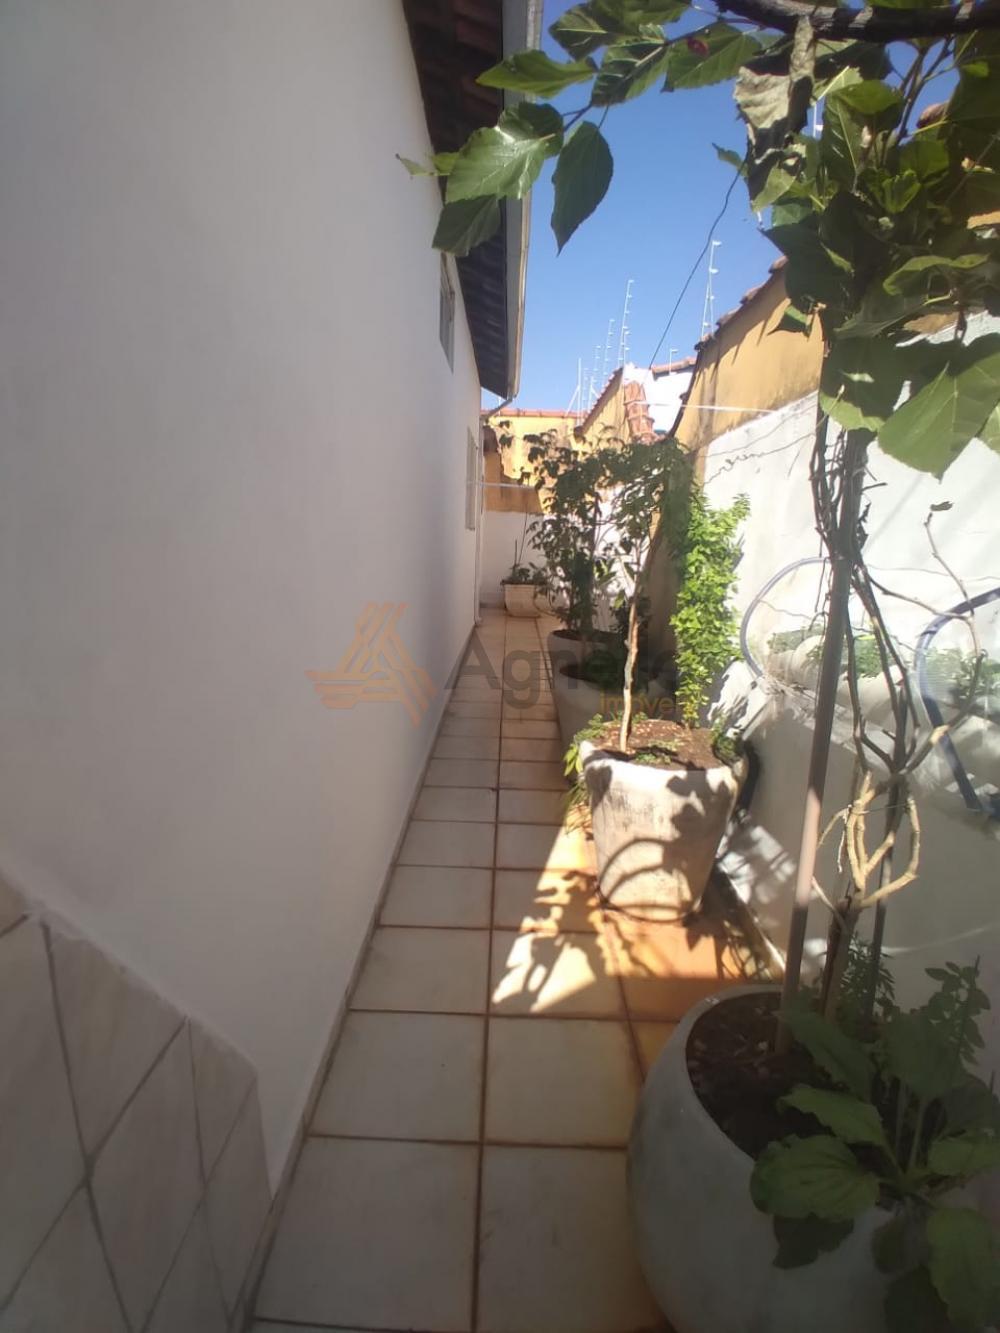 Comprar Casa / Bairro em Franca R$ 210.000,00 - Foto 10